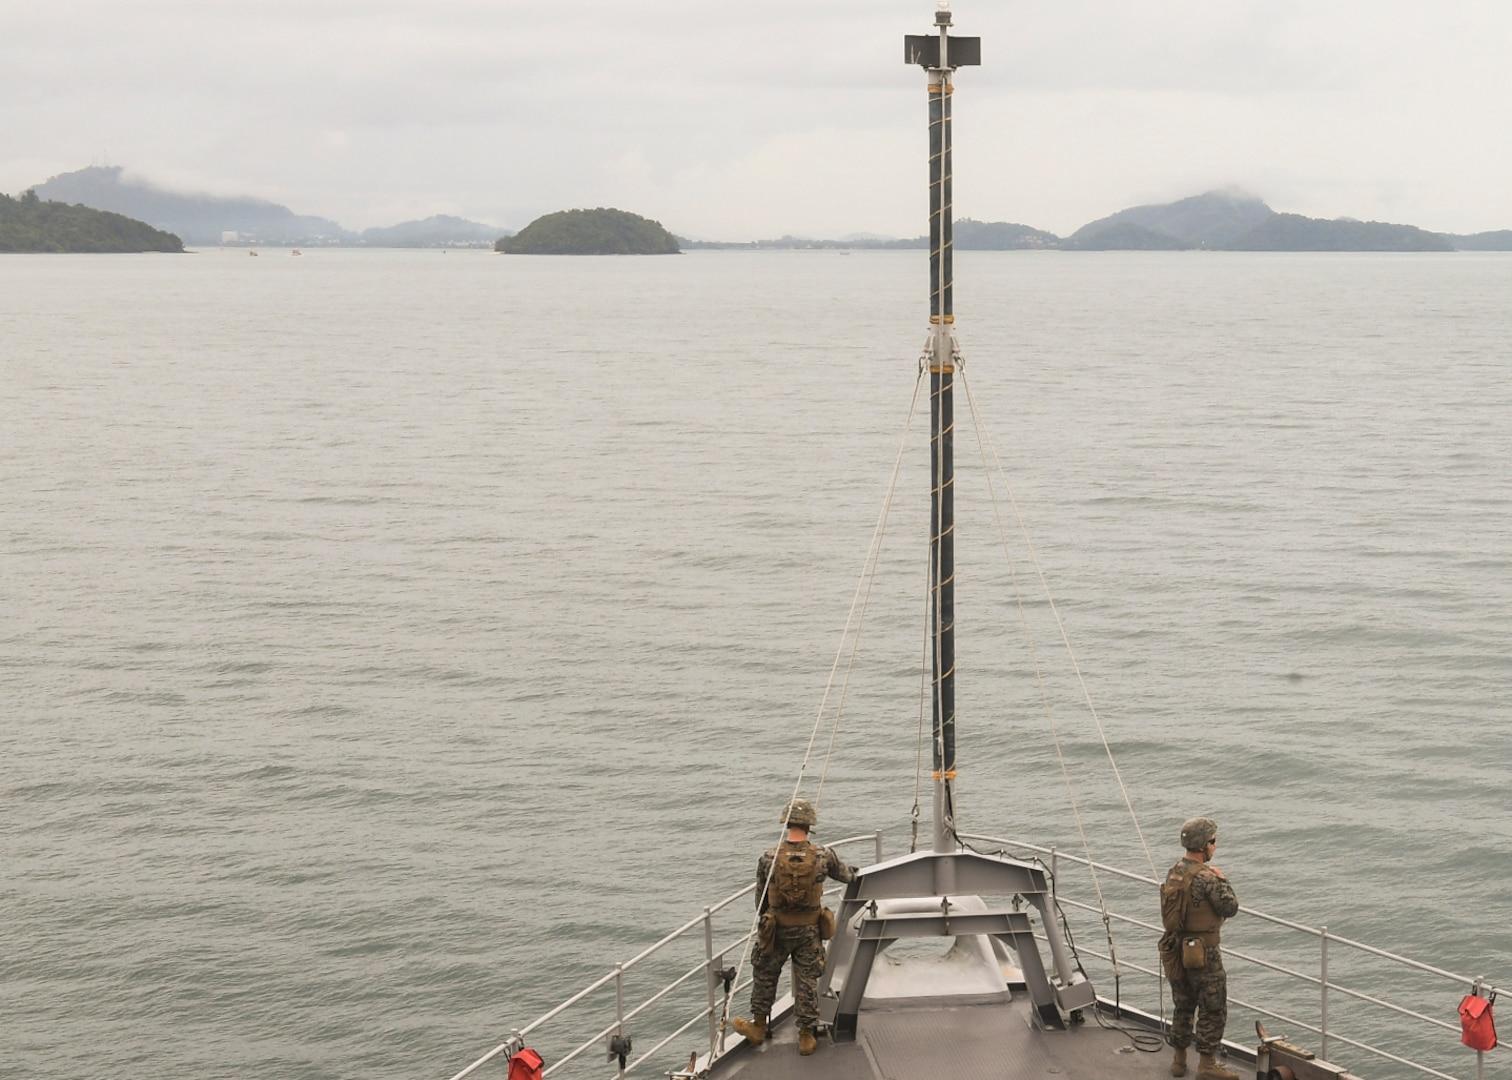 USS Germantown Arrives in Phuket